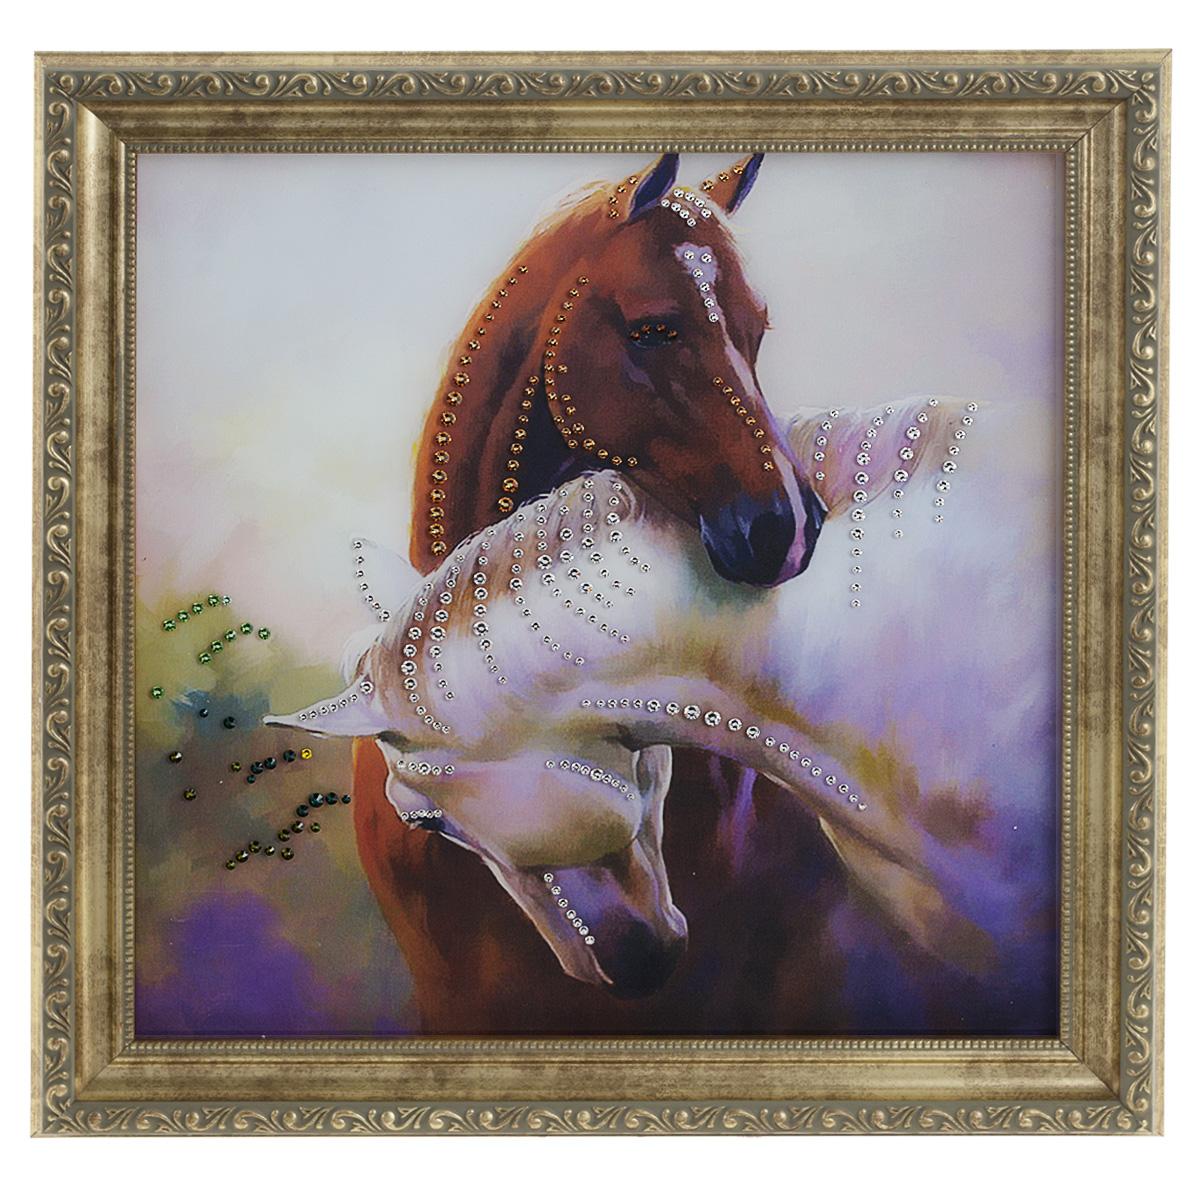 Картина с кристаллами Swarovski Просто любовь, 35 см х 35 смAG 30-14Изящная картина в багетной раме, инкрустирована кристаллами Swarovski, которые отличаются четкой и ровной огранкой, ярким блеском и чистотой цвета. Красочное изображение двух лошадей, расположенное под стеклом, прекрасно дополняет блеск кристаллов. С обратной стороны имеется металлическая проволока для размещения картины на стене. Картина с кристаллами Swarovski Просто любовь элегантно украсит интерьер дома или офиса, а также станет прекрасным подарком, который обязательно понравится получателю. Блеск кристаллов в интерьере, что может быть сказочнее и удивительнее. Картина упакована в подарочную картонную коробку синего цвета и комплектуется сертификатом соответствия Swarovski.